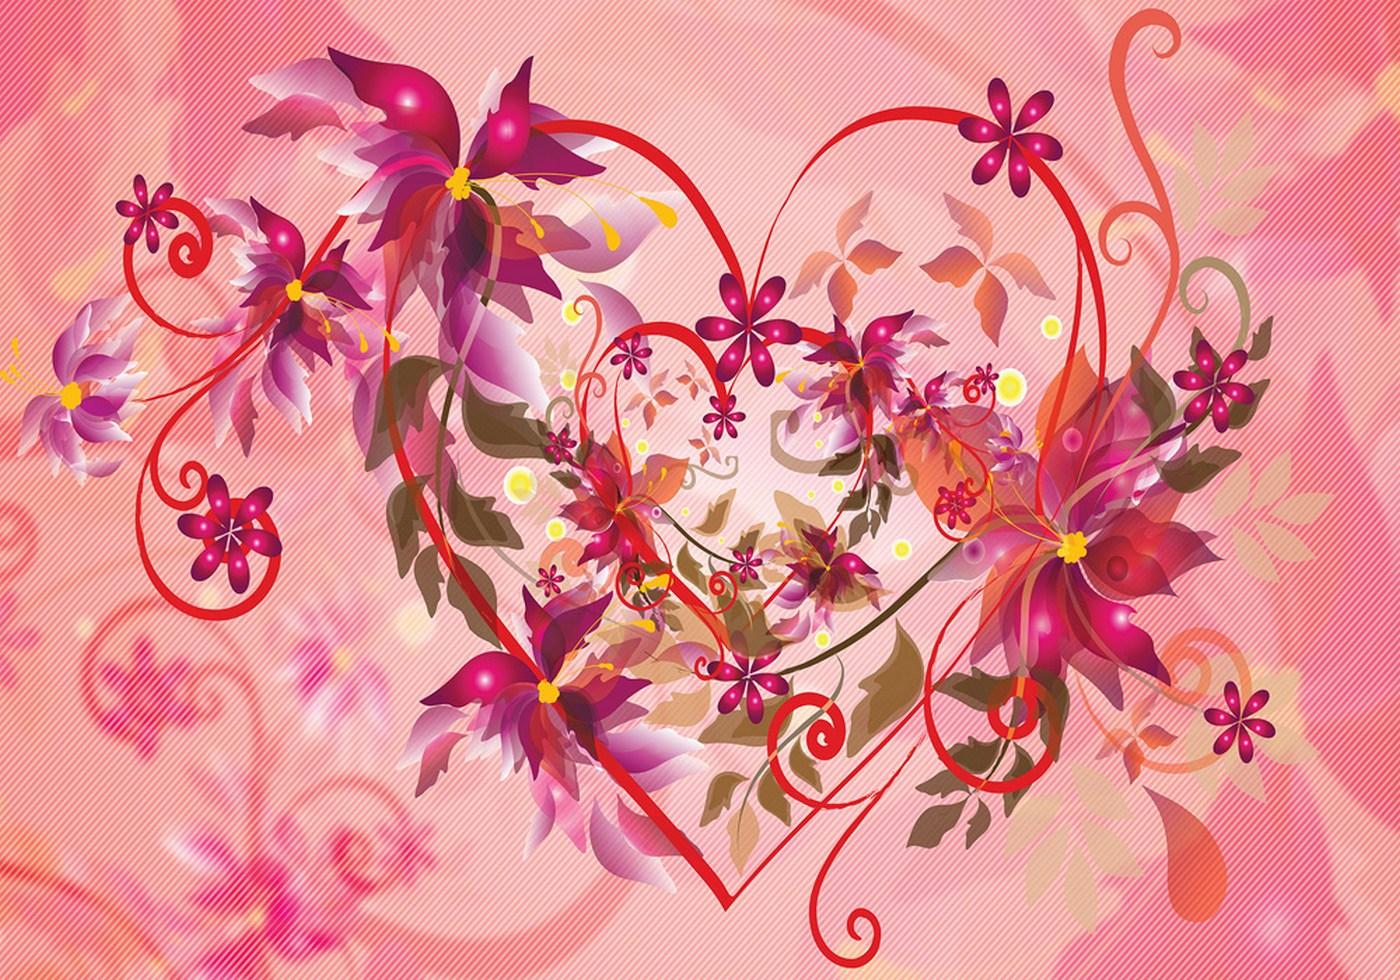 vlies fototapete 1056 illustrationen tapete ornamente blumen muster pflanze kunst rot - Tapete Rot Muster